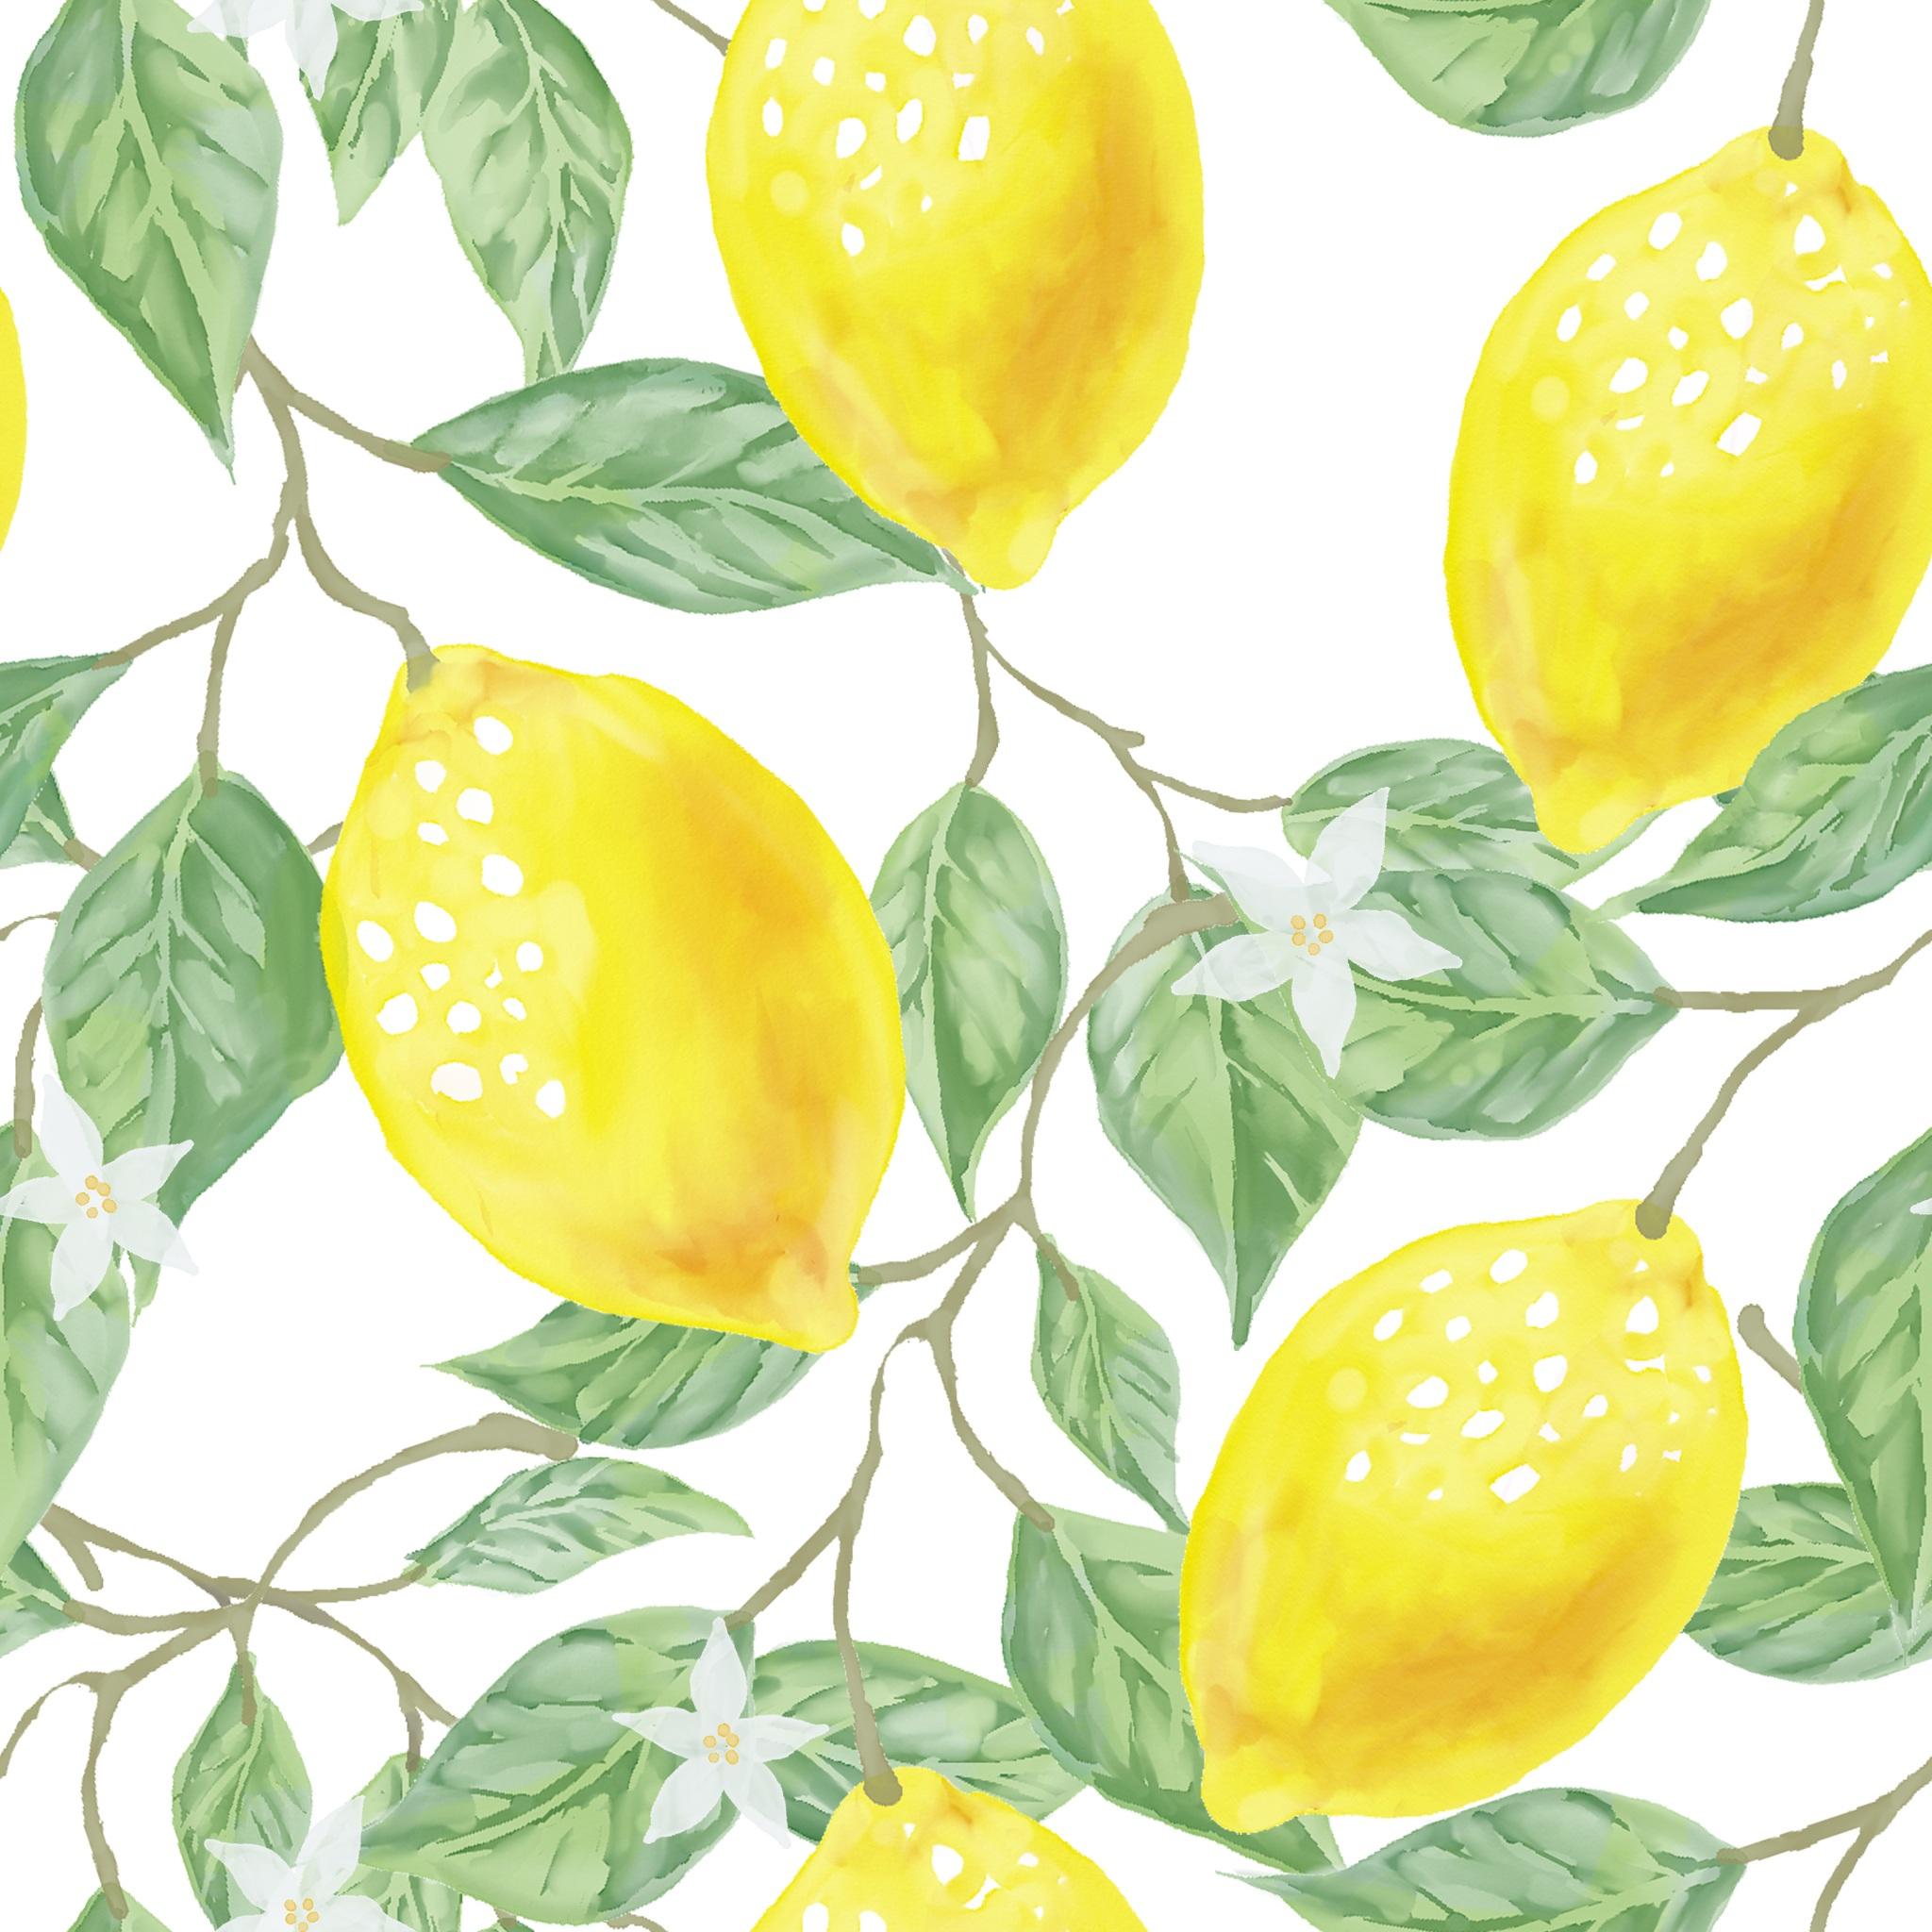 Free Images : fruit, leaf, flower, food, green, produce